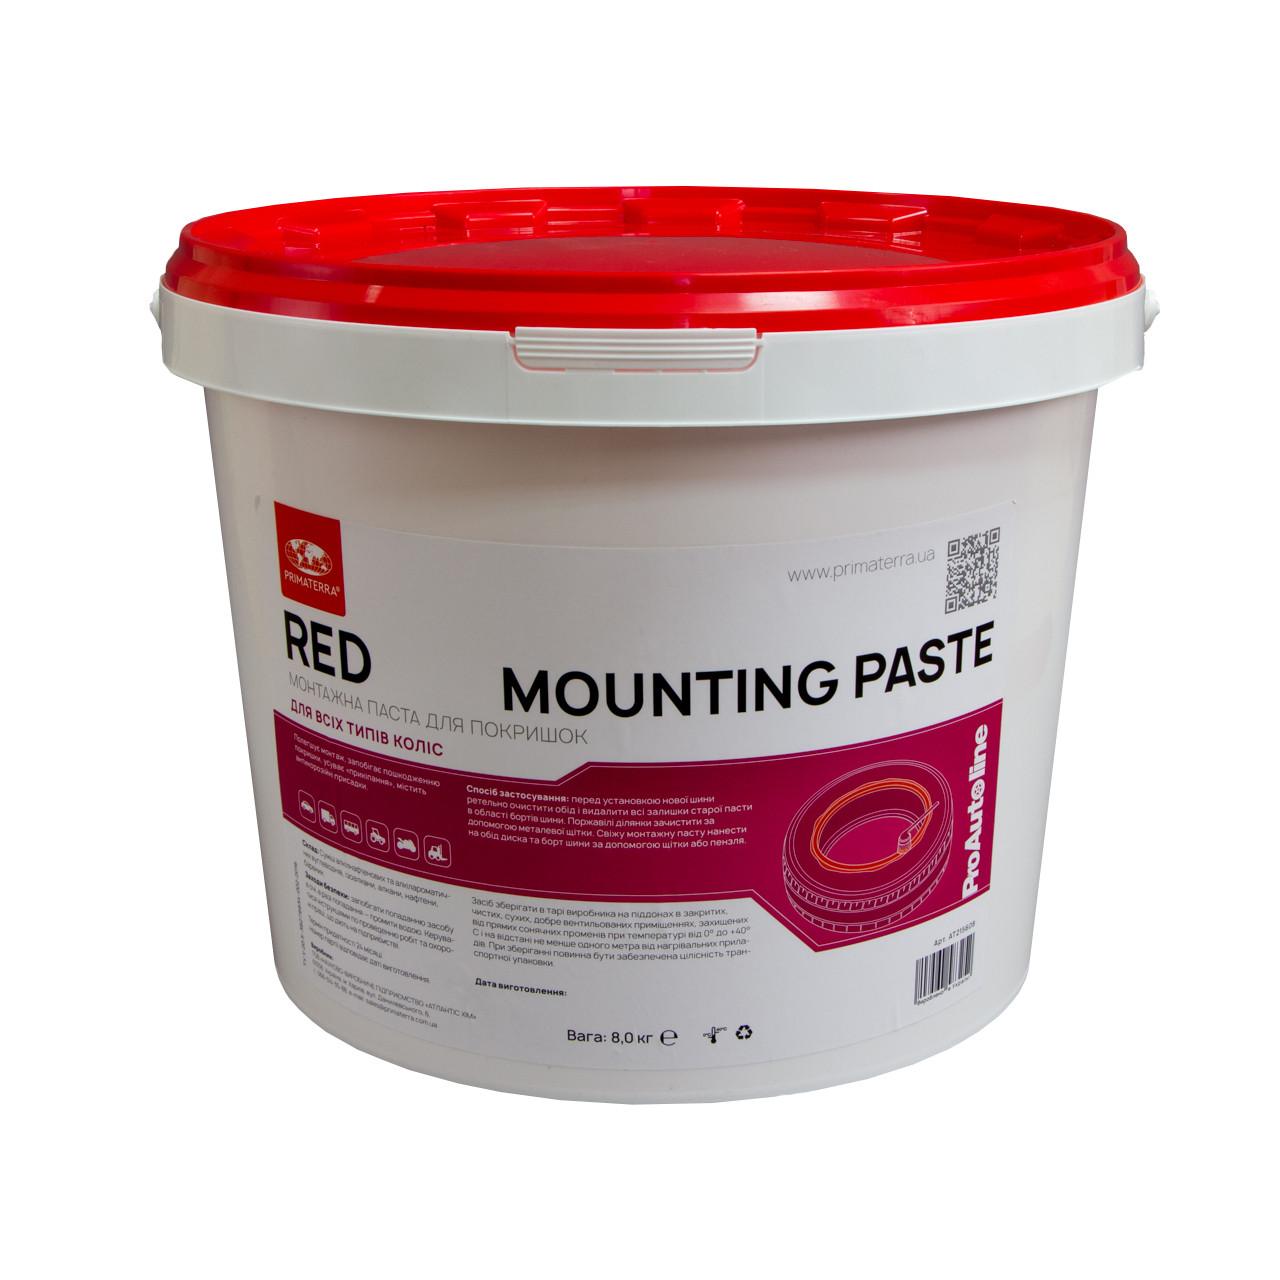 Шиномонтажная паста RED (для покрышек), 8кг